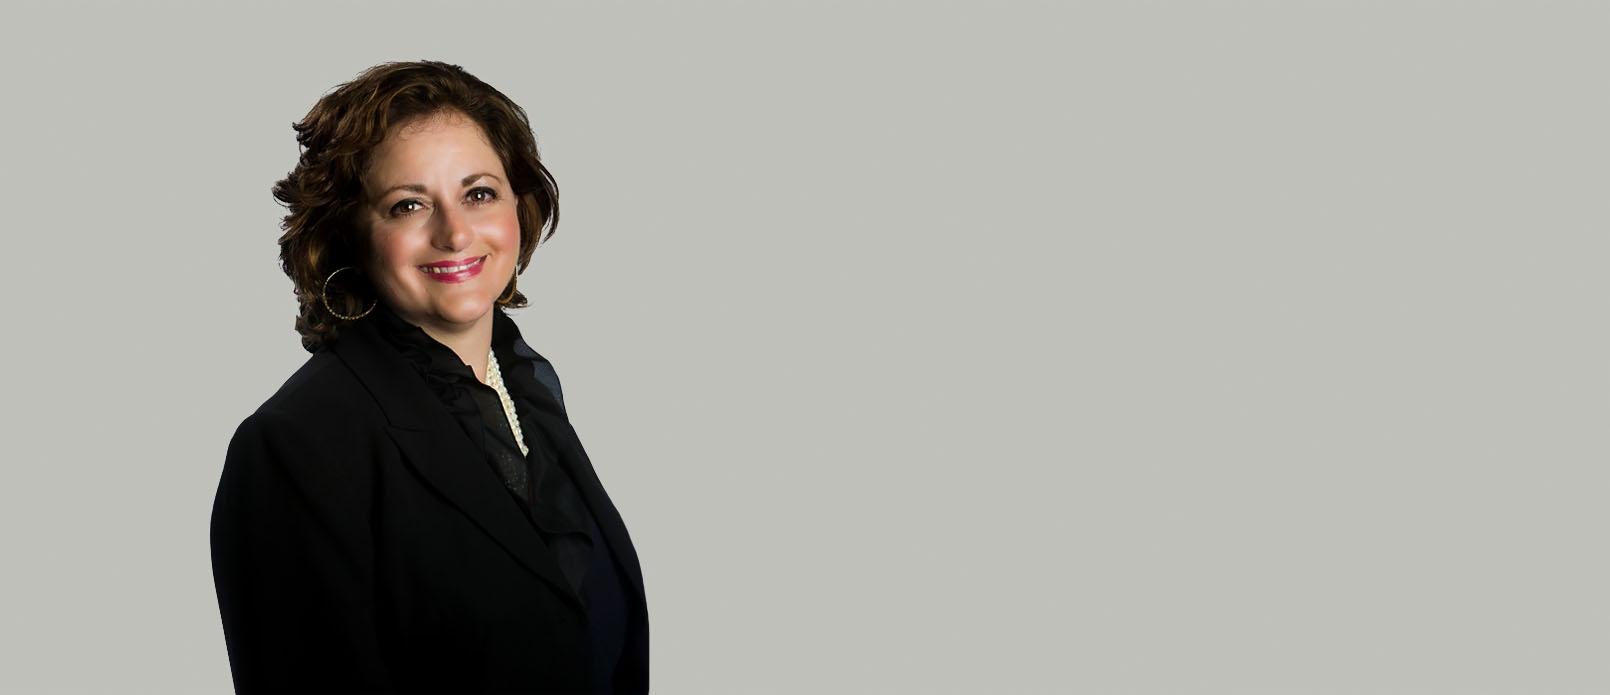 Anita M. Kidd